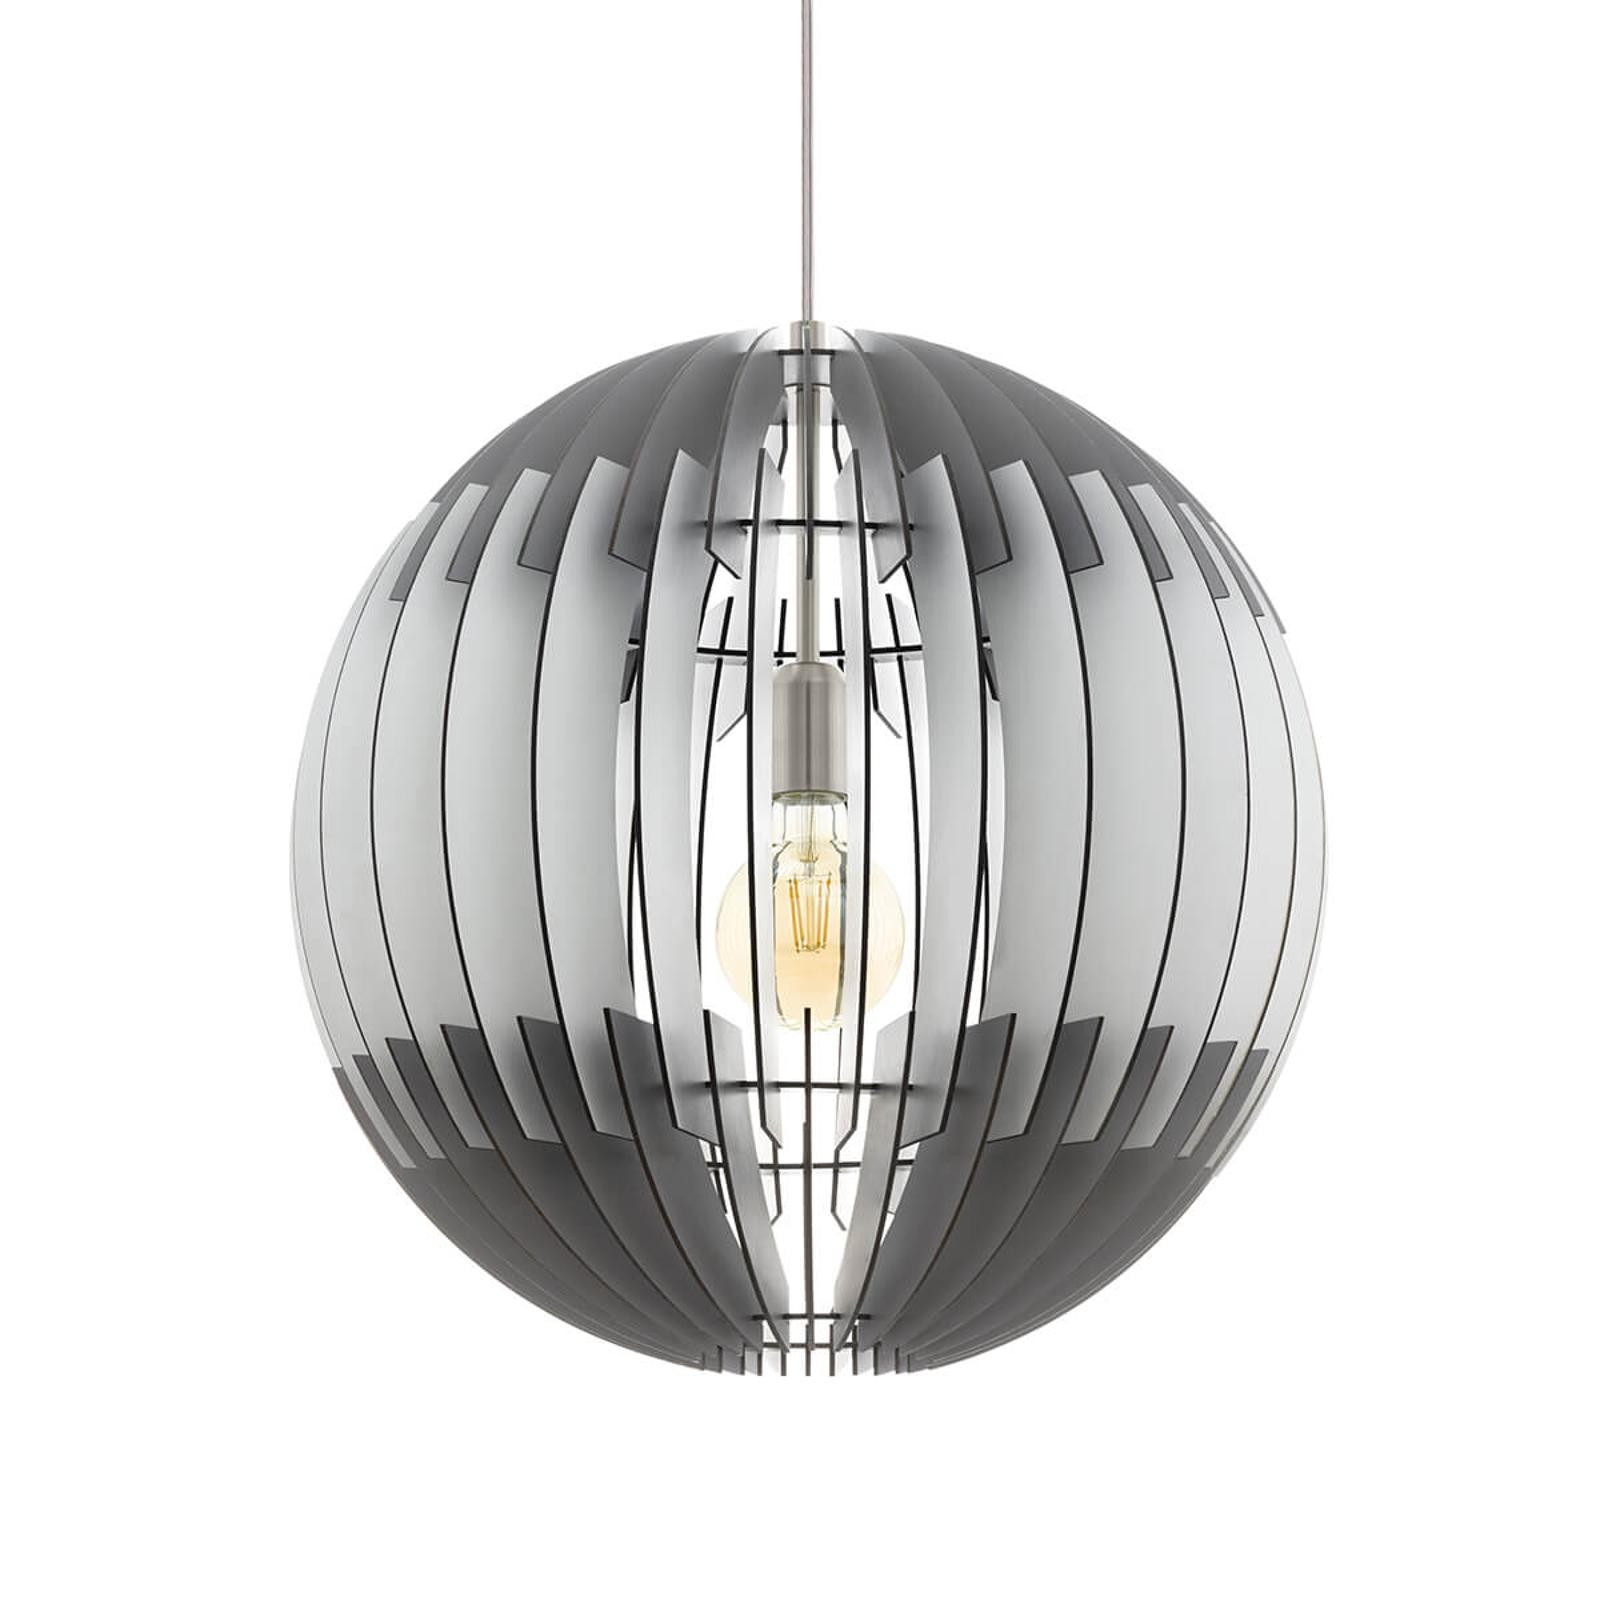 Zwart-witte hanglamp Olmero van lamellen